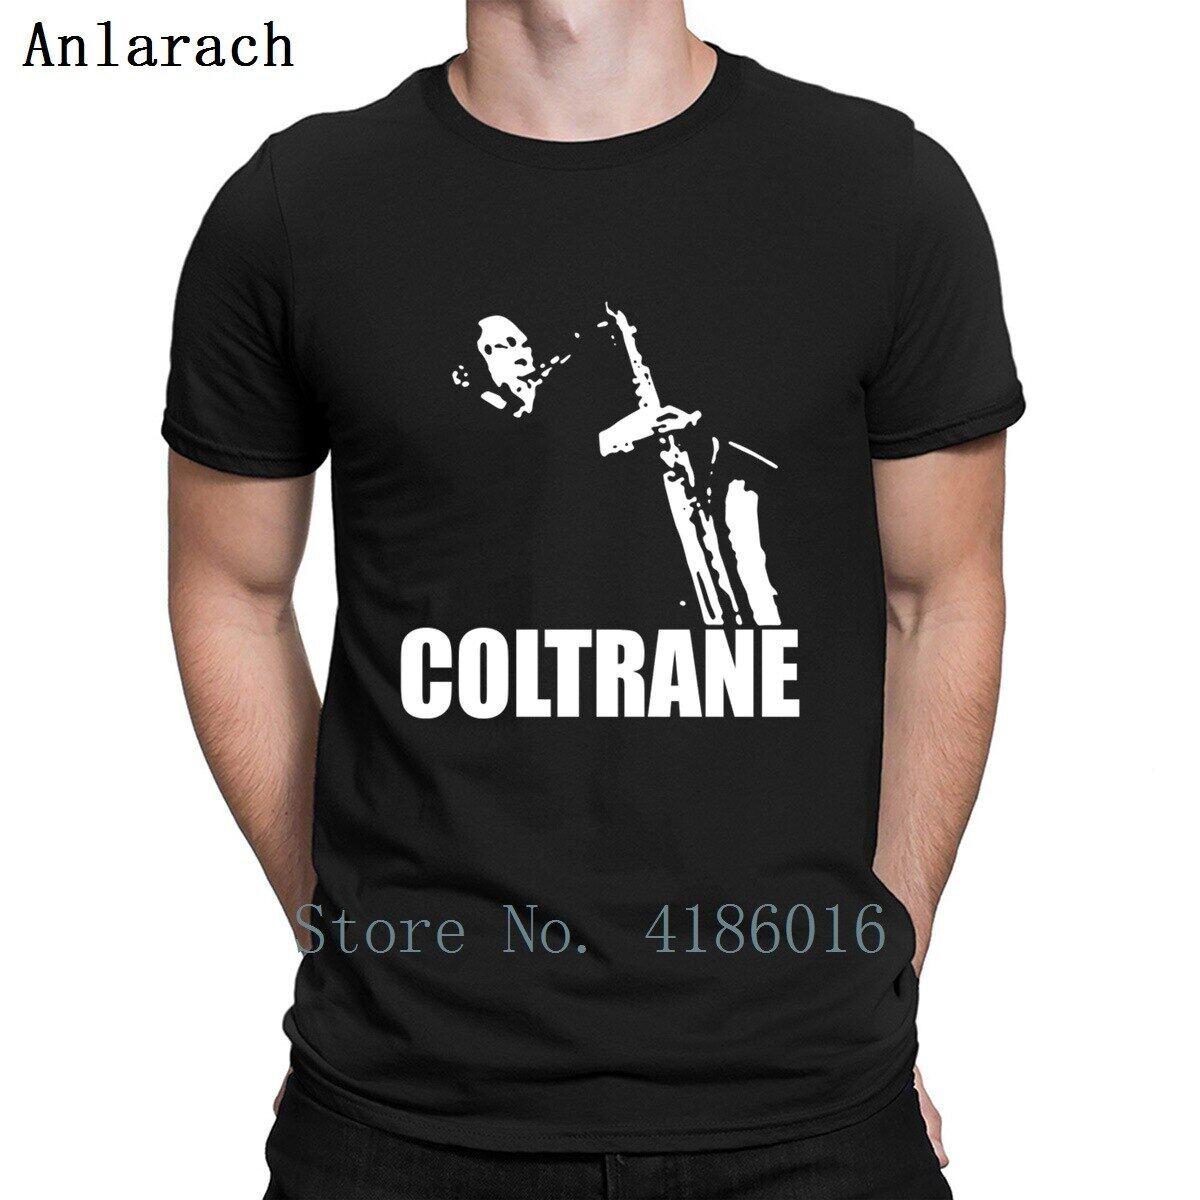 Coltrane T Áo Cotton Thời trang mới Cổ tròn Thiết kế dễ thương Xuân Thu Tiêu chuẩn Áo sơ mi áo thun nữ Bông